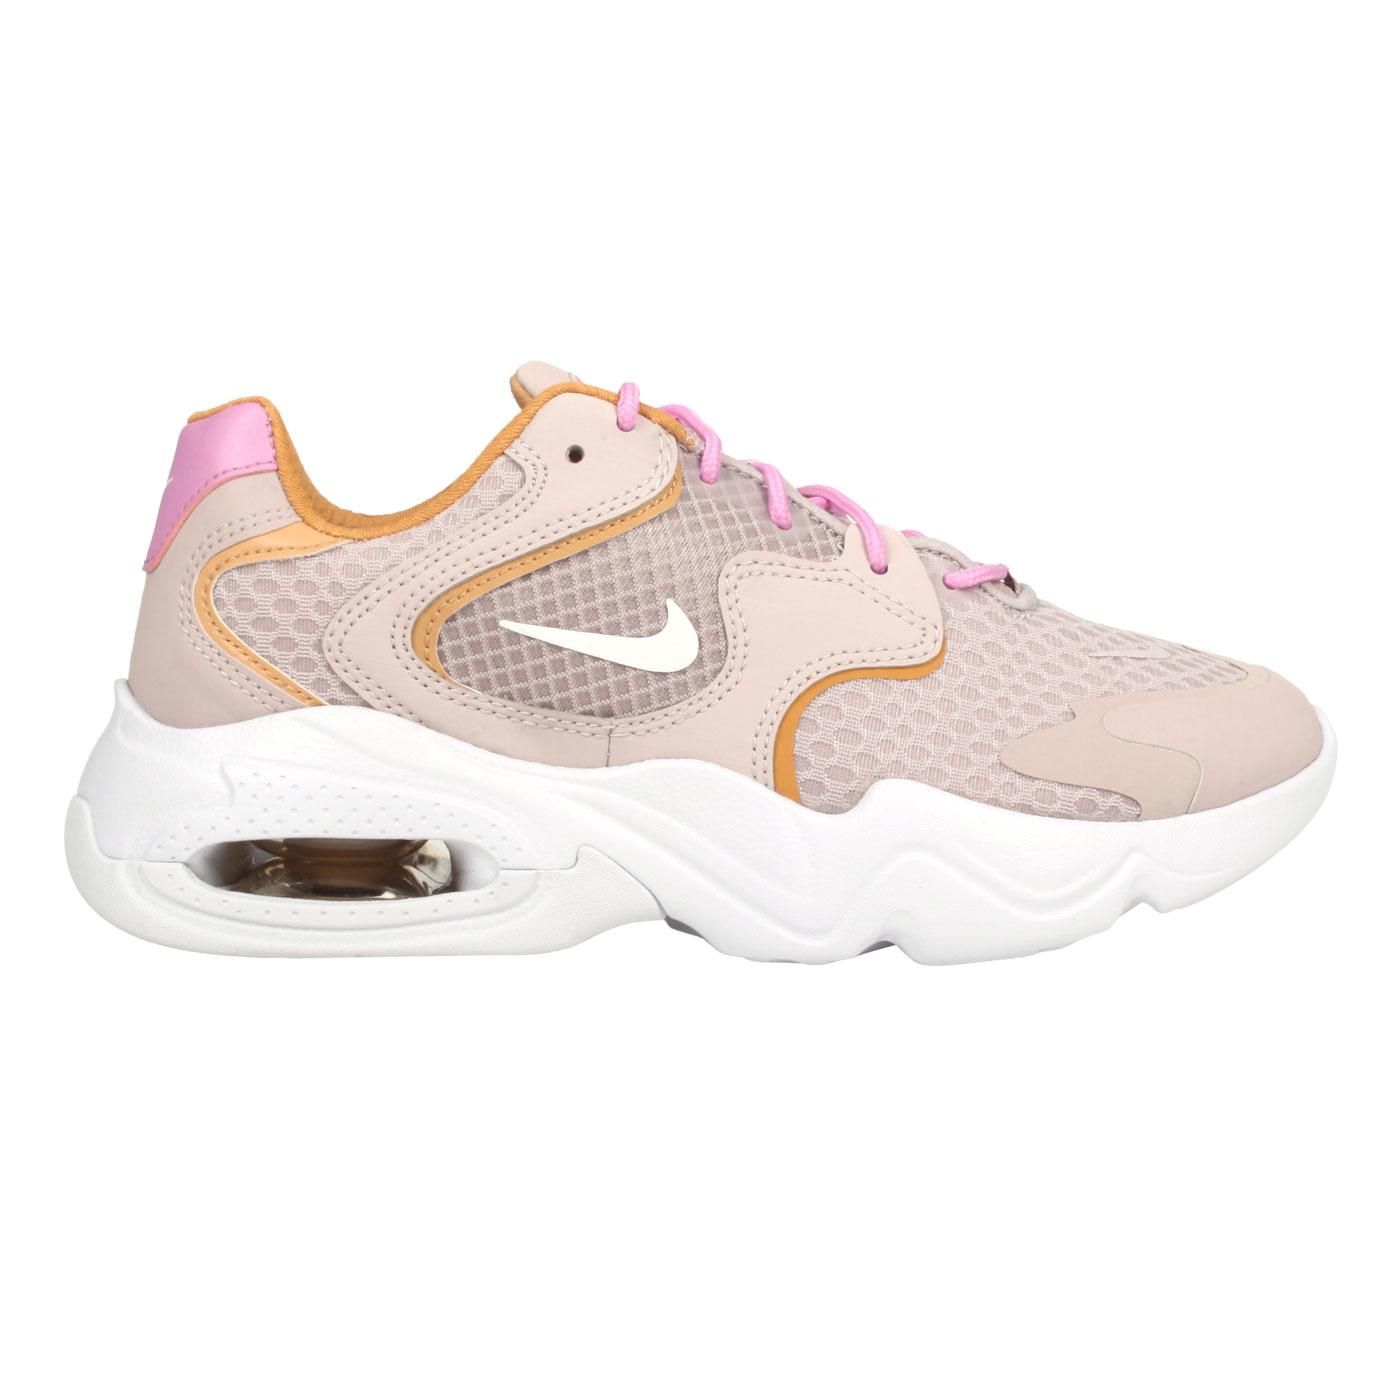 NIKE 女款休閒運動鞋  @Air Max 2X@CK2947003